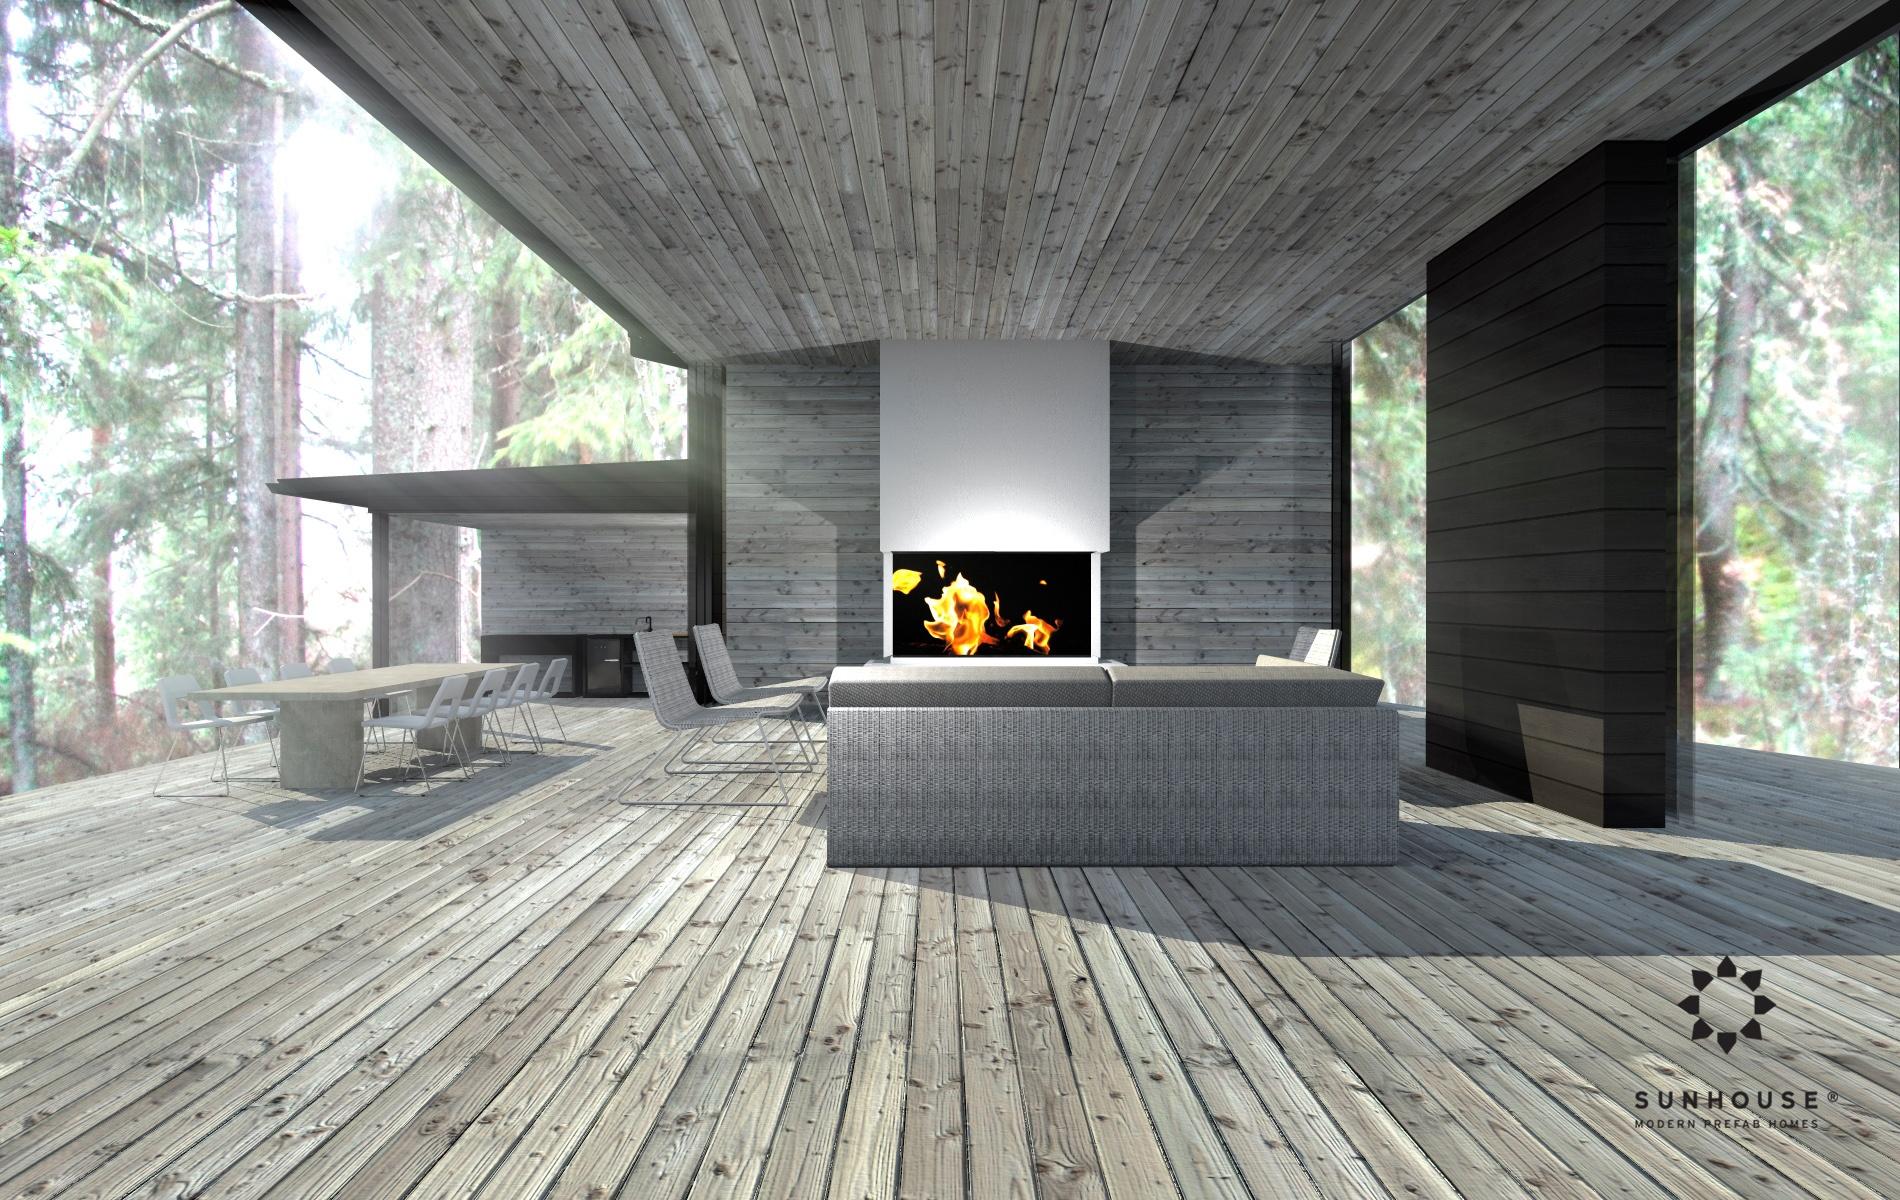 Sunhouse S1412 - Moderni vapaa-ajan asunto-15